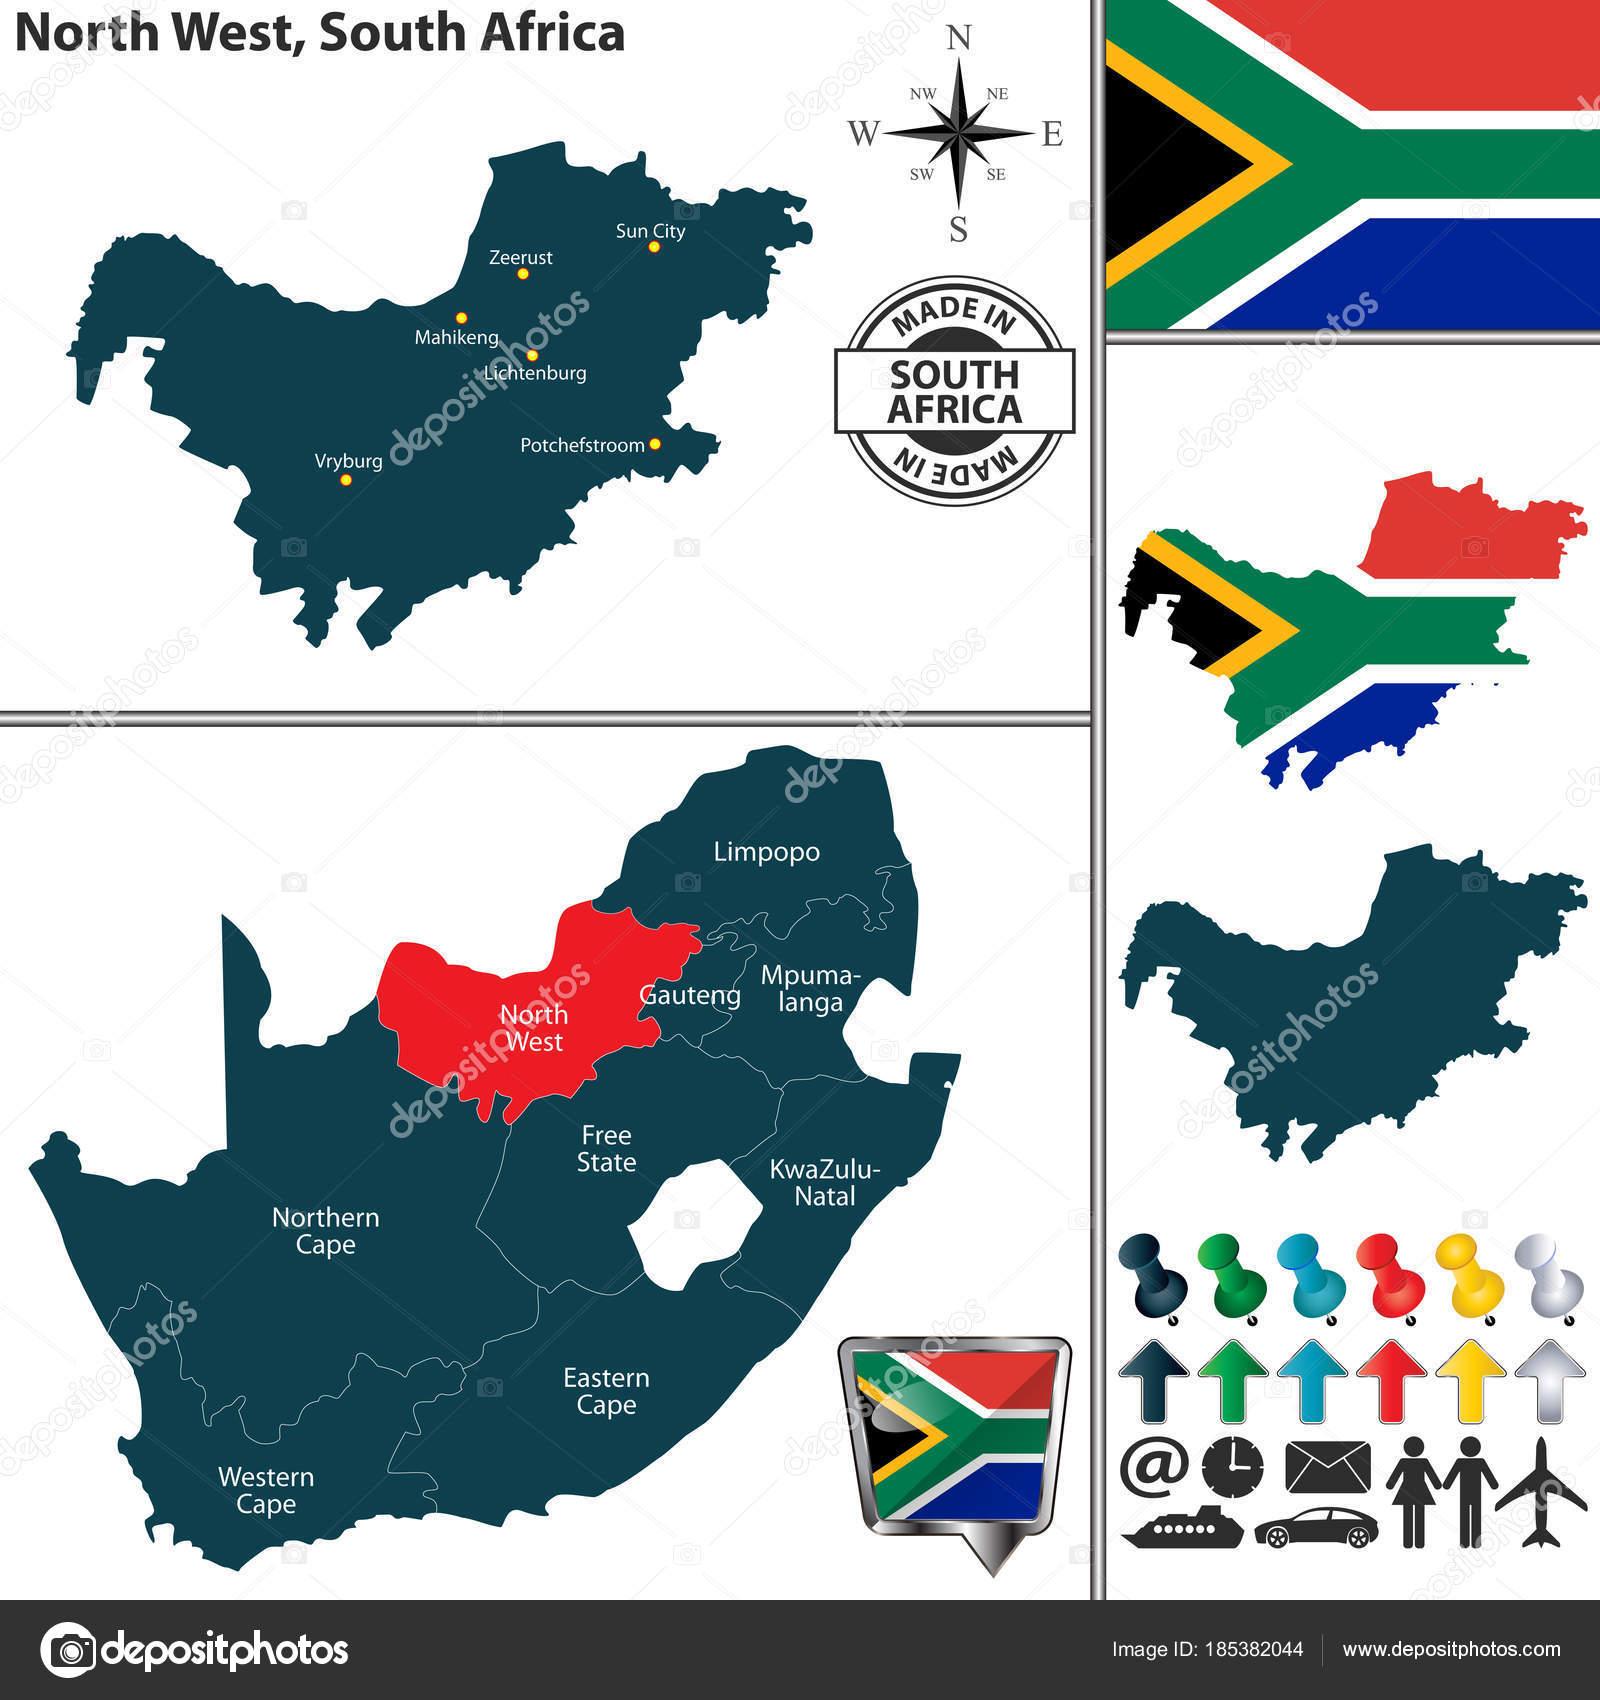 Carte Afrique Du Sud Ouest.Carte Du Nord Ouest L Afrique Du Sud Image Vectorielle Sateda